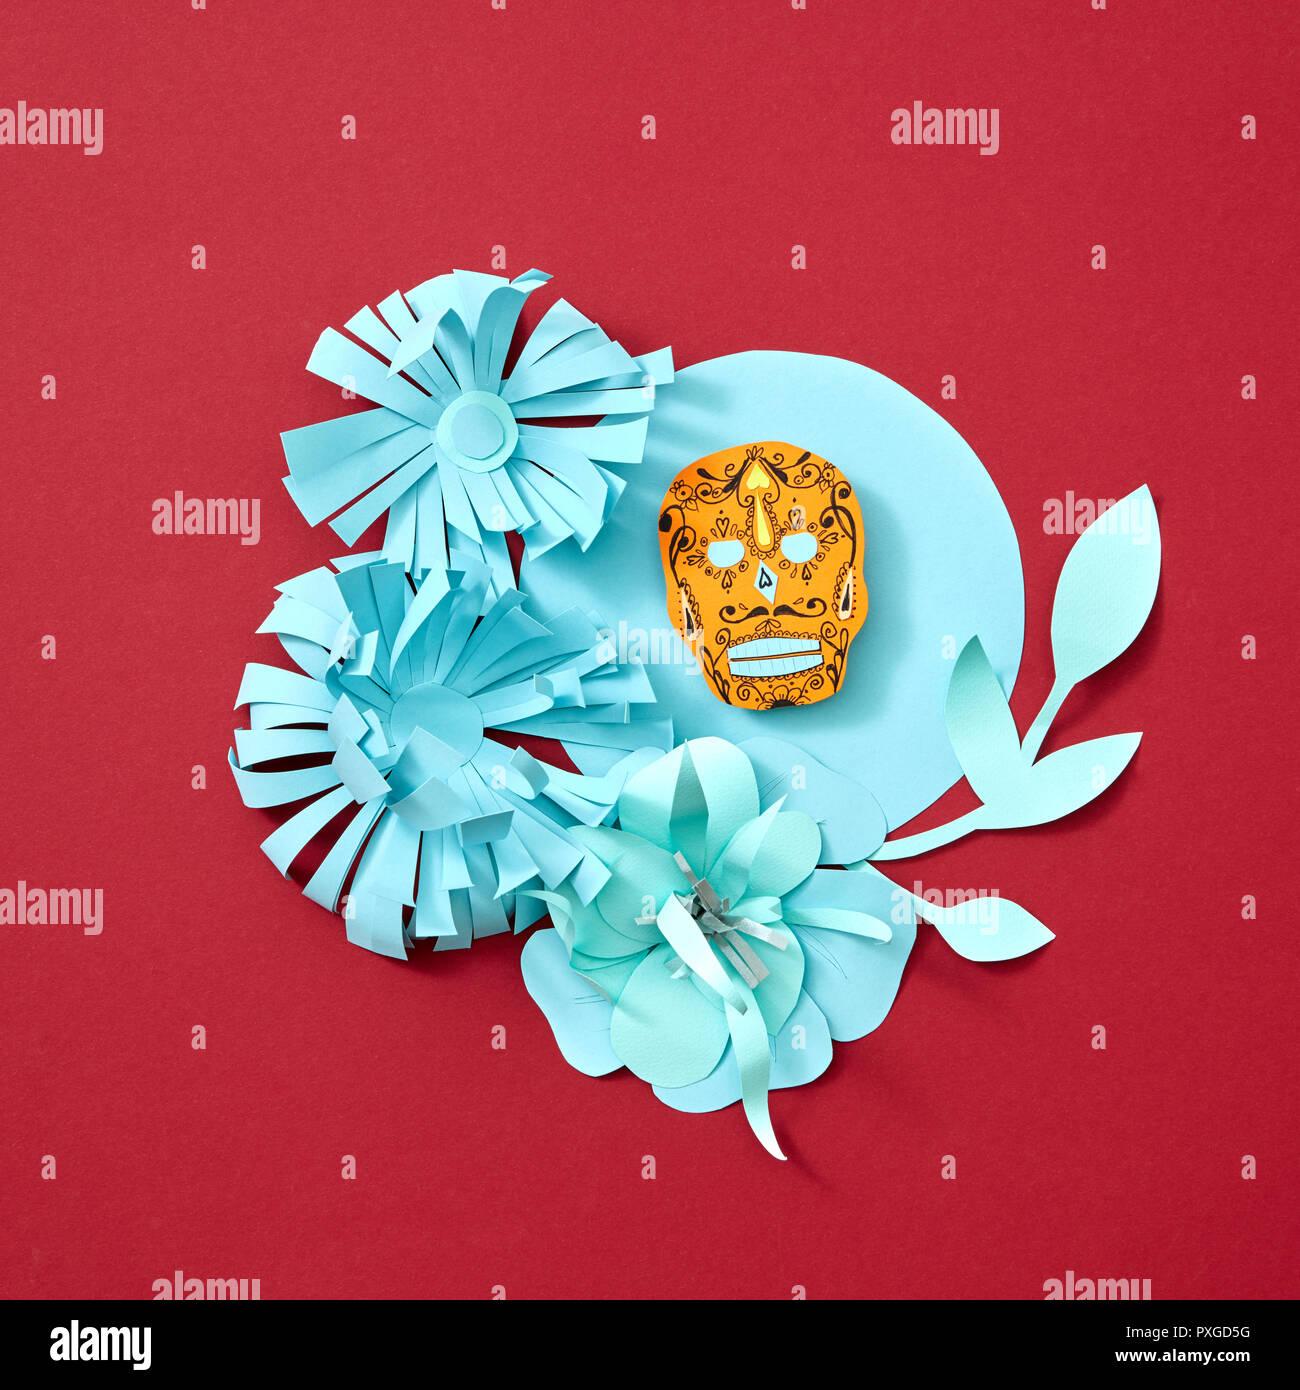 Bastidor Redondo Azul Con Calaveras Atributo De La Fiesta Mexicana